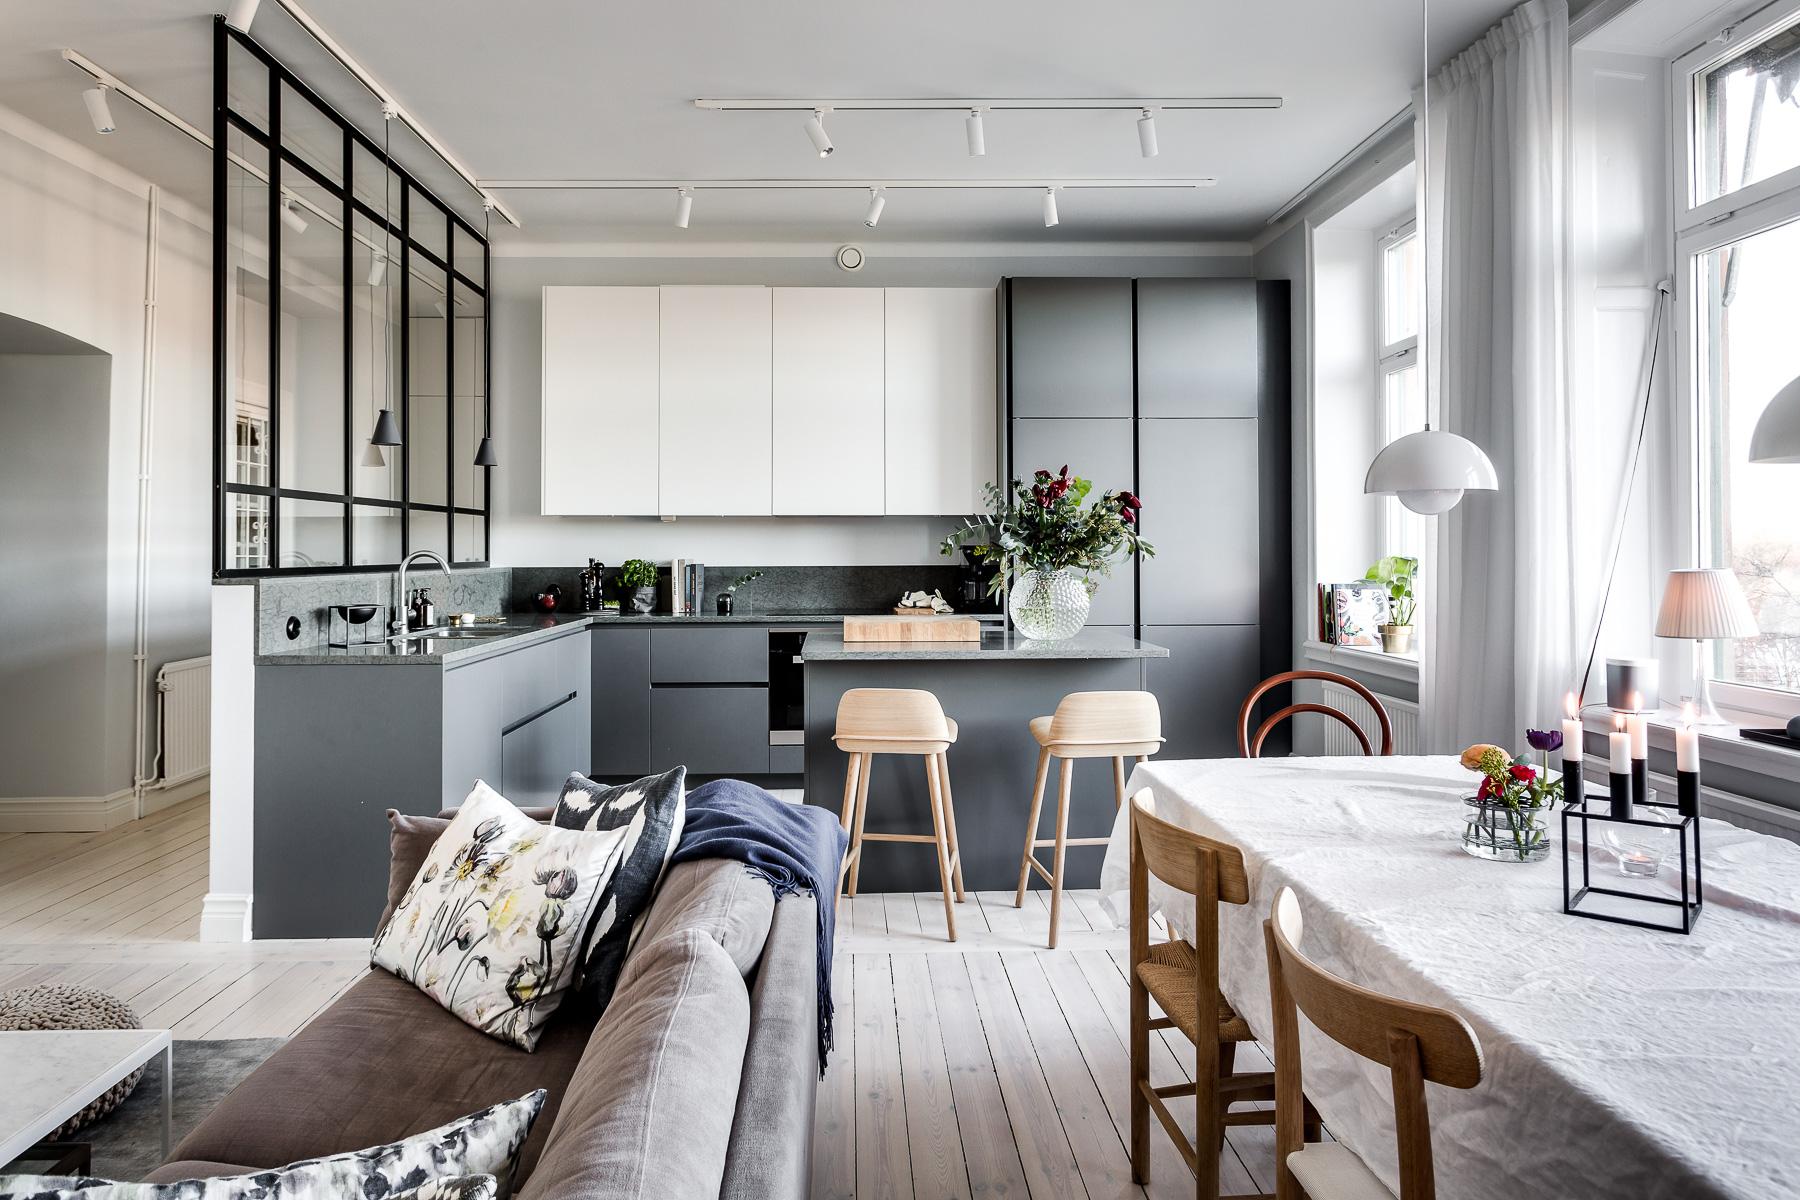 Separar Ambientes Con Cristal Trendy Puertas Correderas Ikea Para  ~ Mamparas De Cristal Para Separar Ambientes